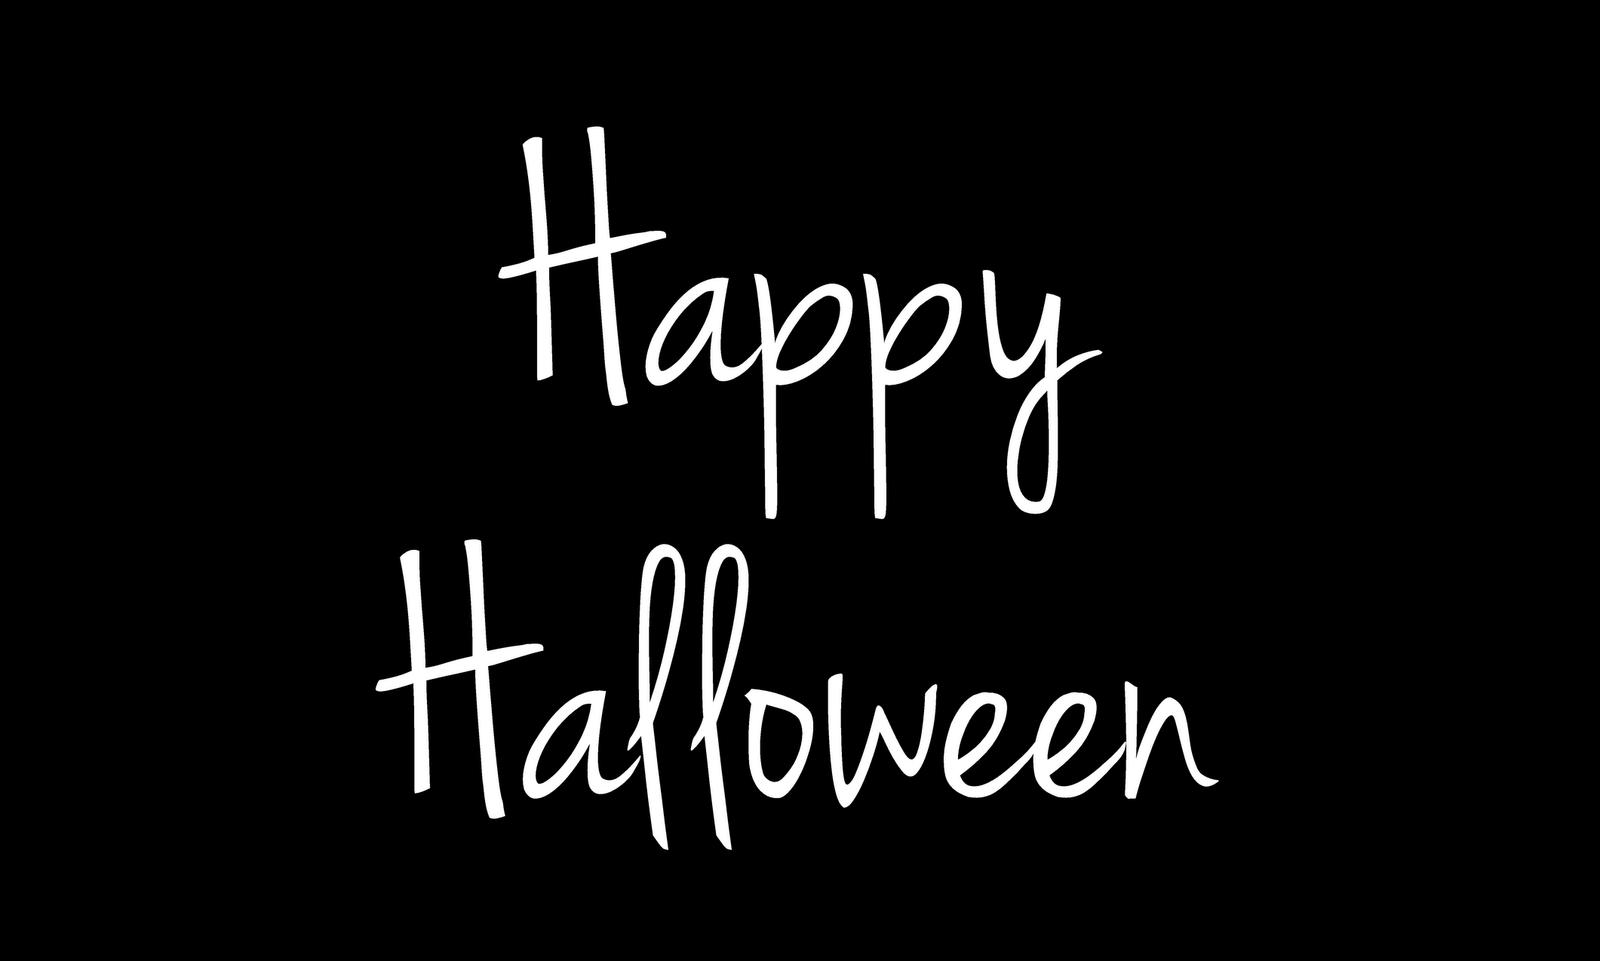 Happy halloween designs pictures